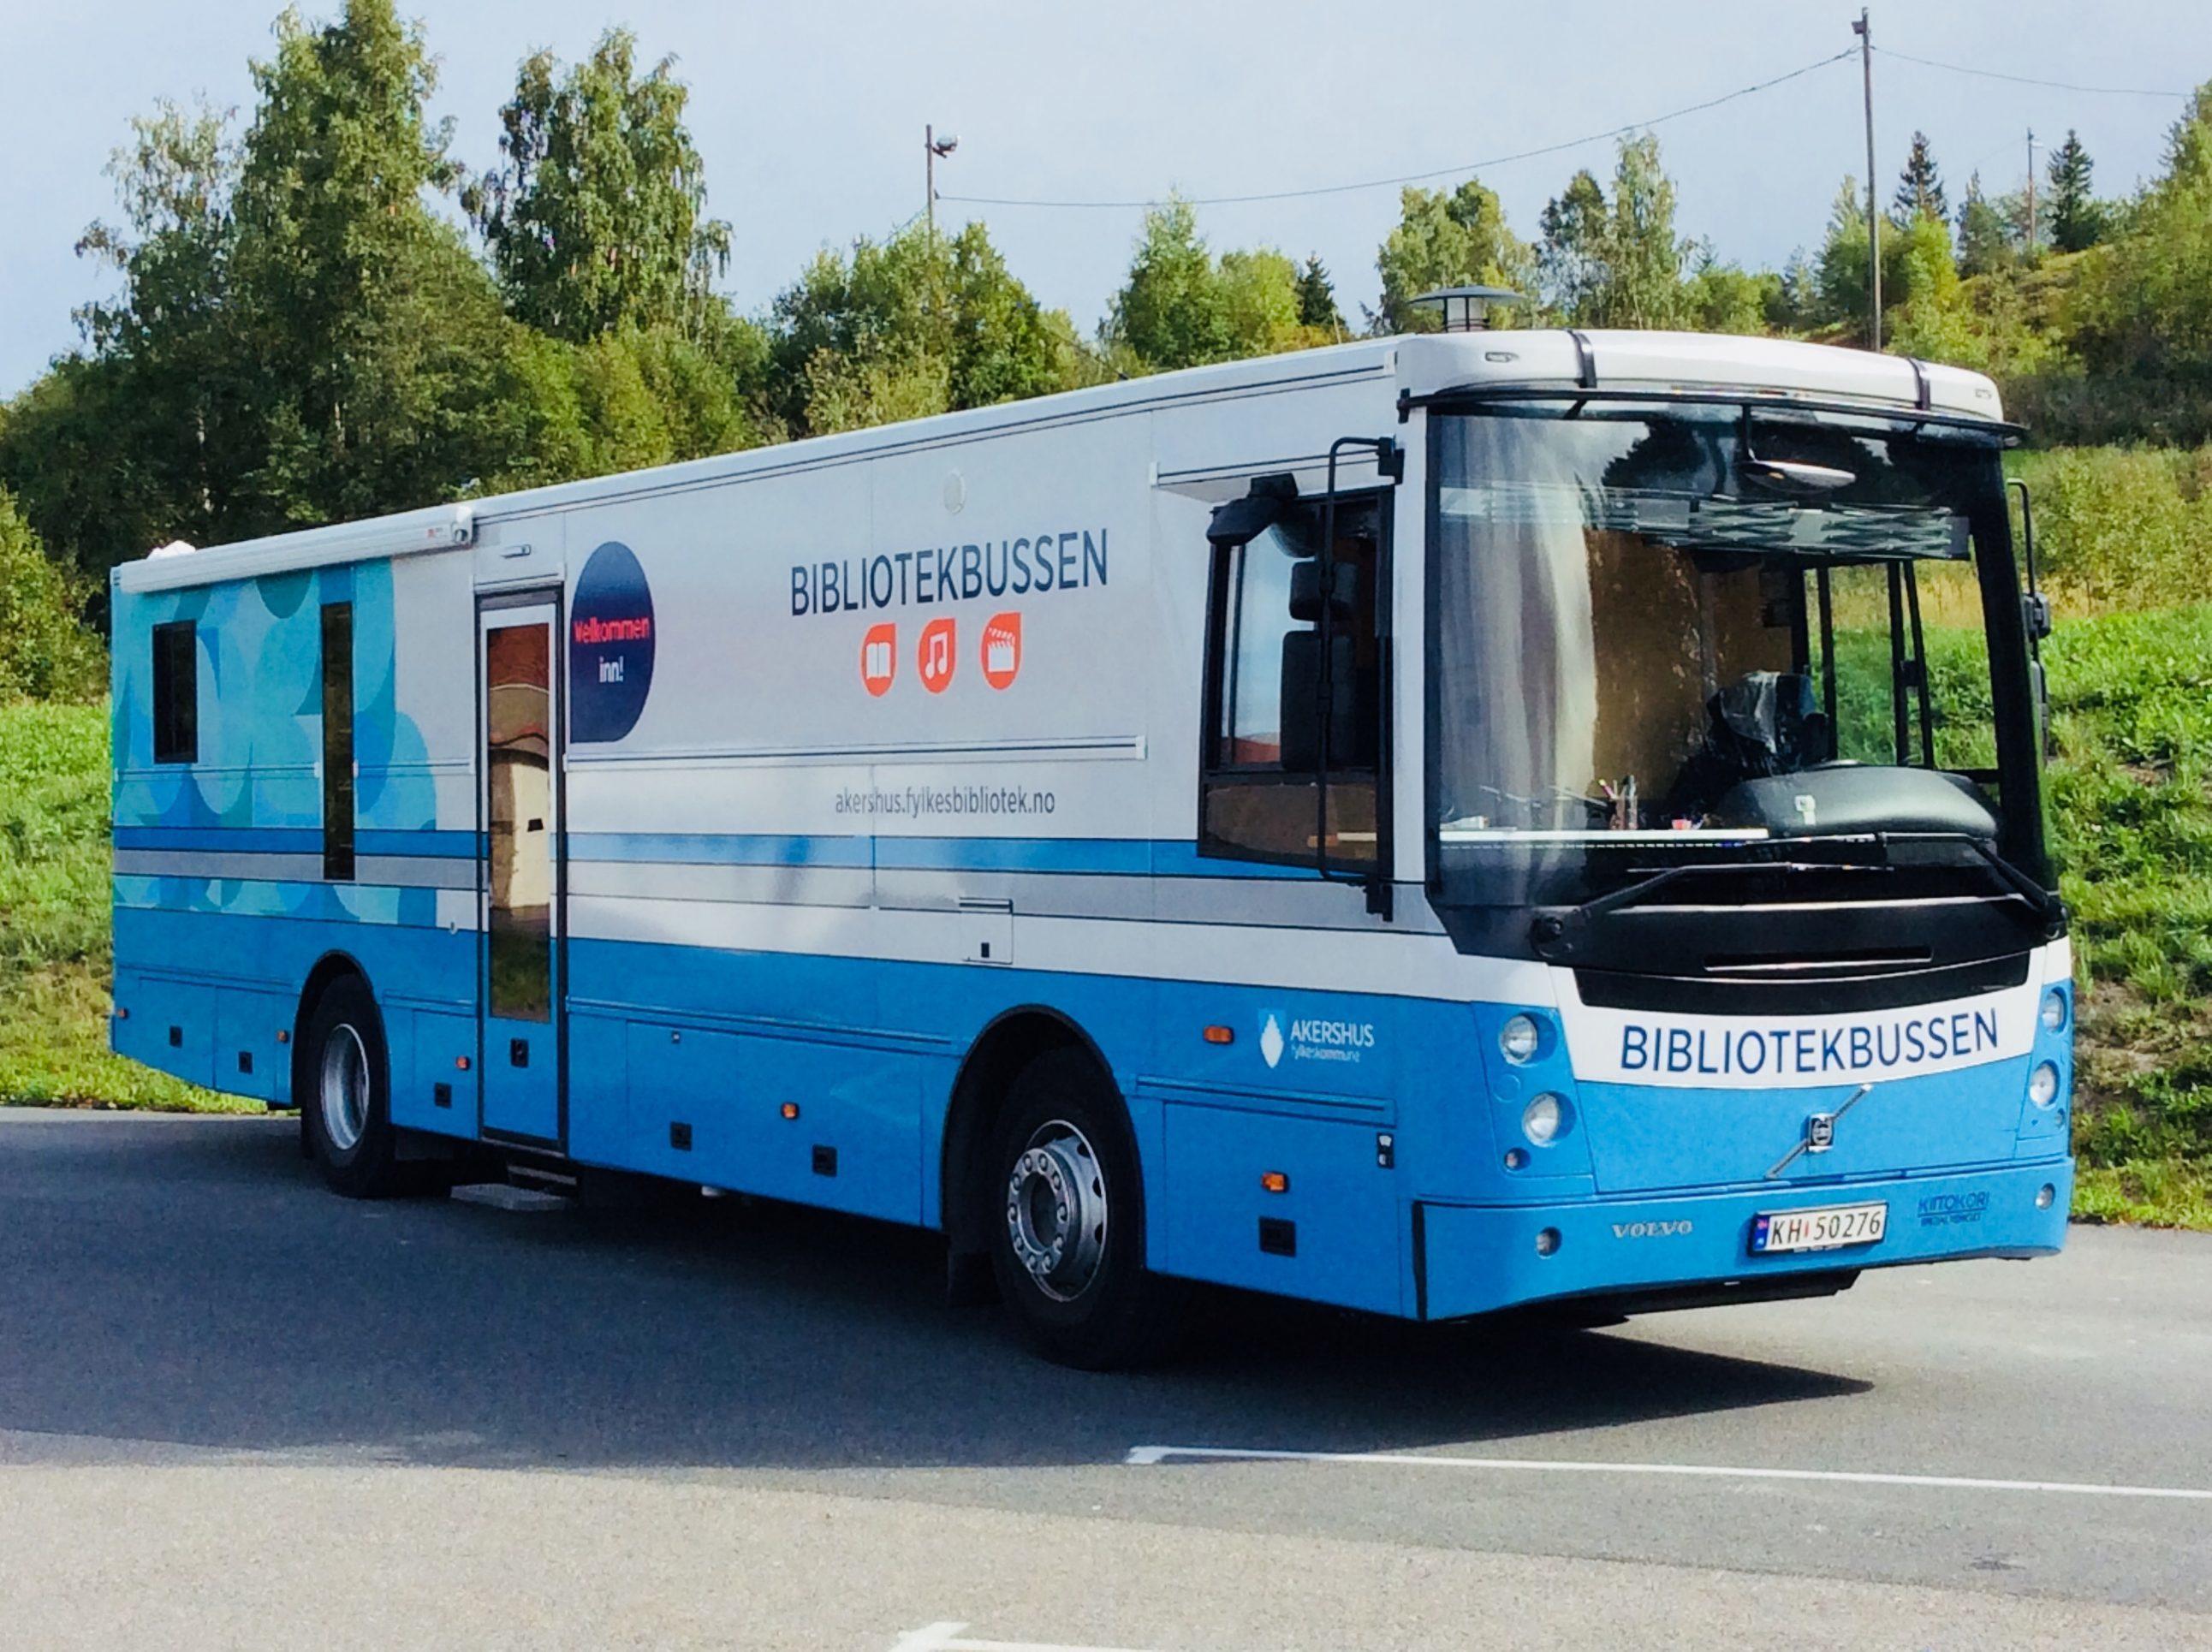 Bibliotekbussen i Akershus